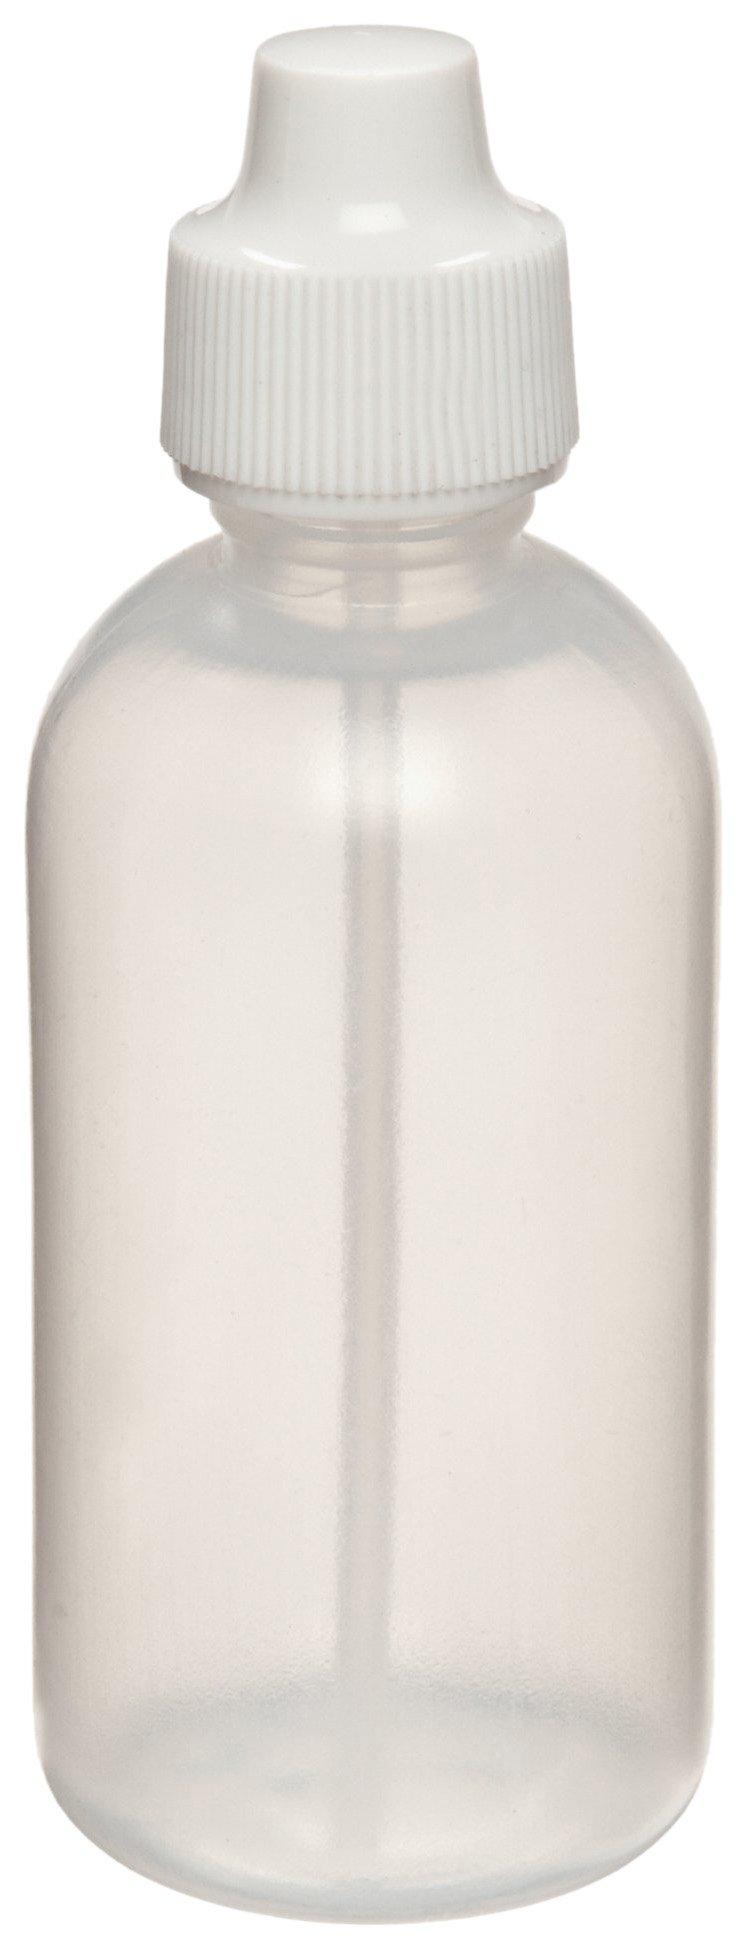 Bel-Art Polyethylene 60ml (2oz) Indicator Bottles (Pack of 12) (F11662-0000)